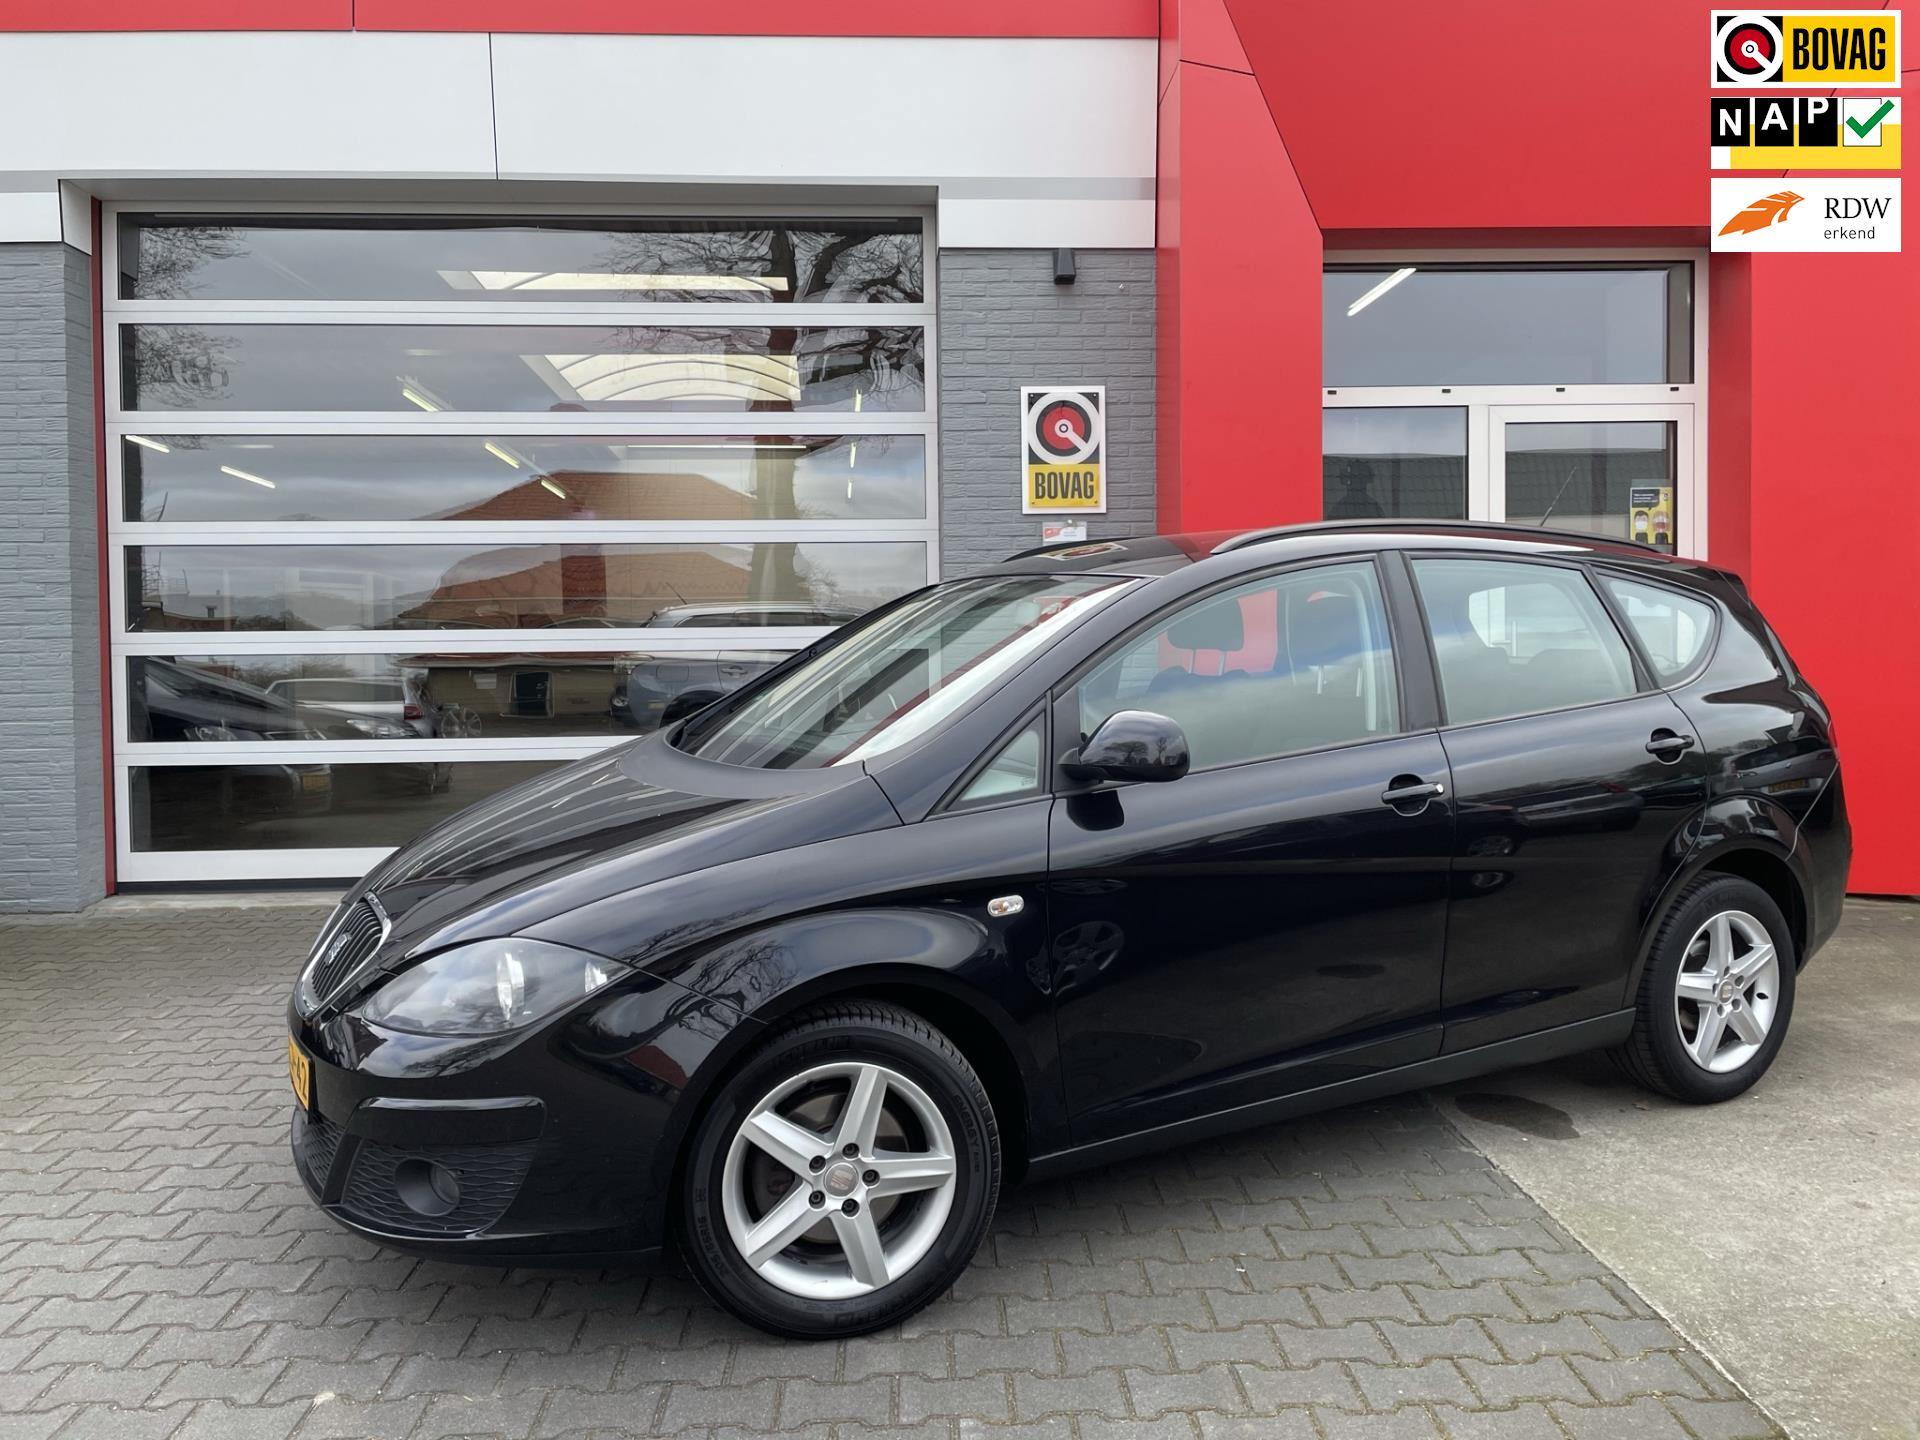 Seat Altea XL occasion - Autobedrijf Slots BV